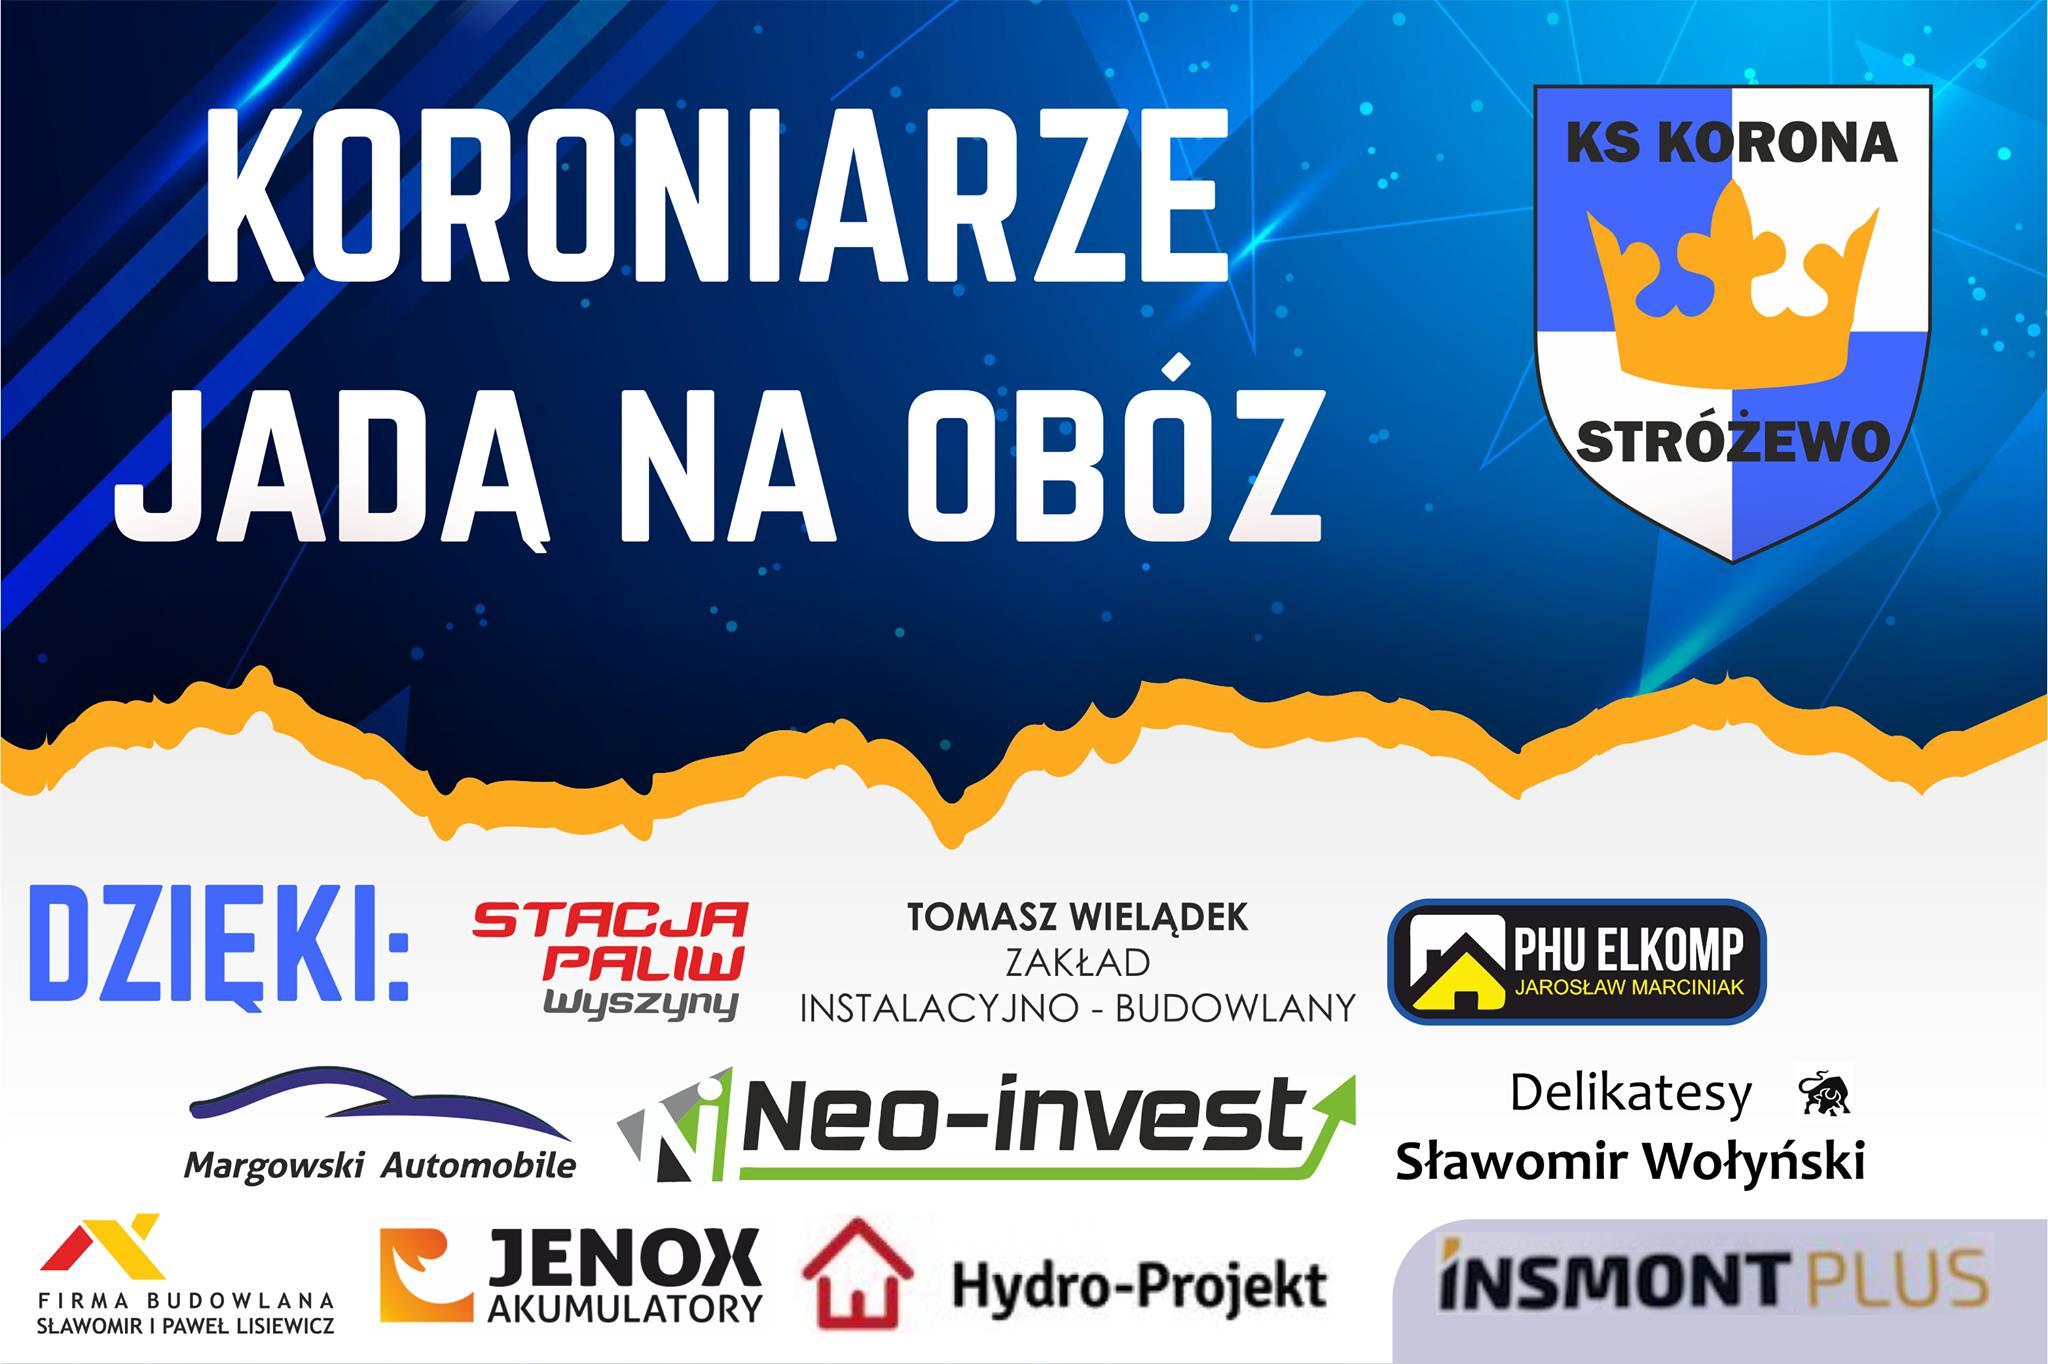 Firma NEO INVEST sponsorem wyjadu drużyny KORONA STRÓŻEWO na obóz